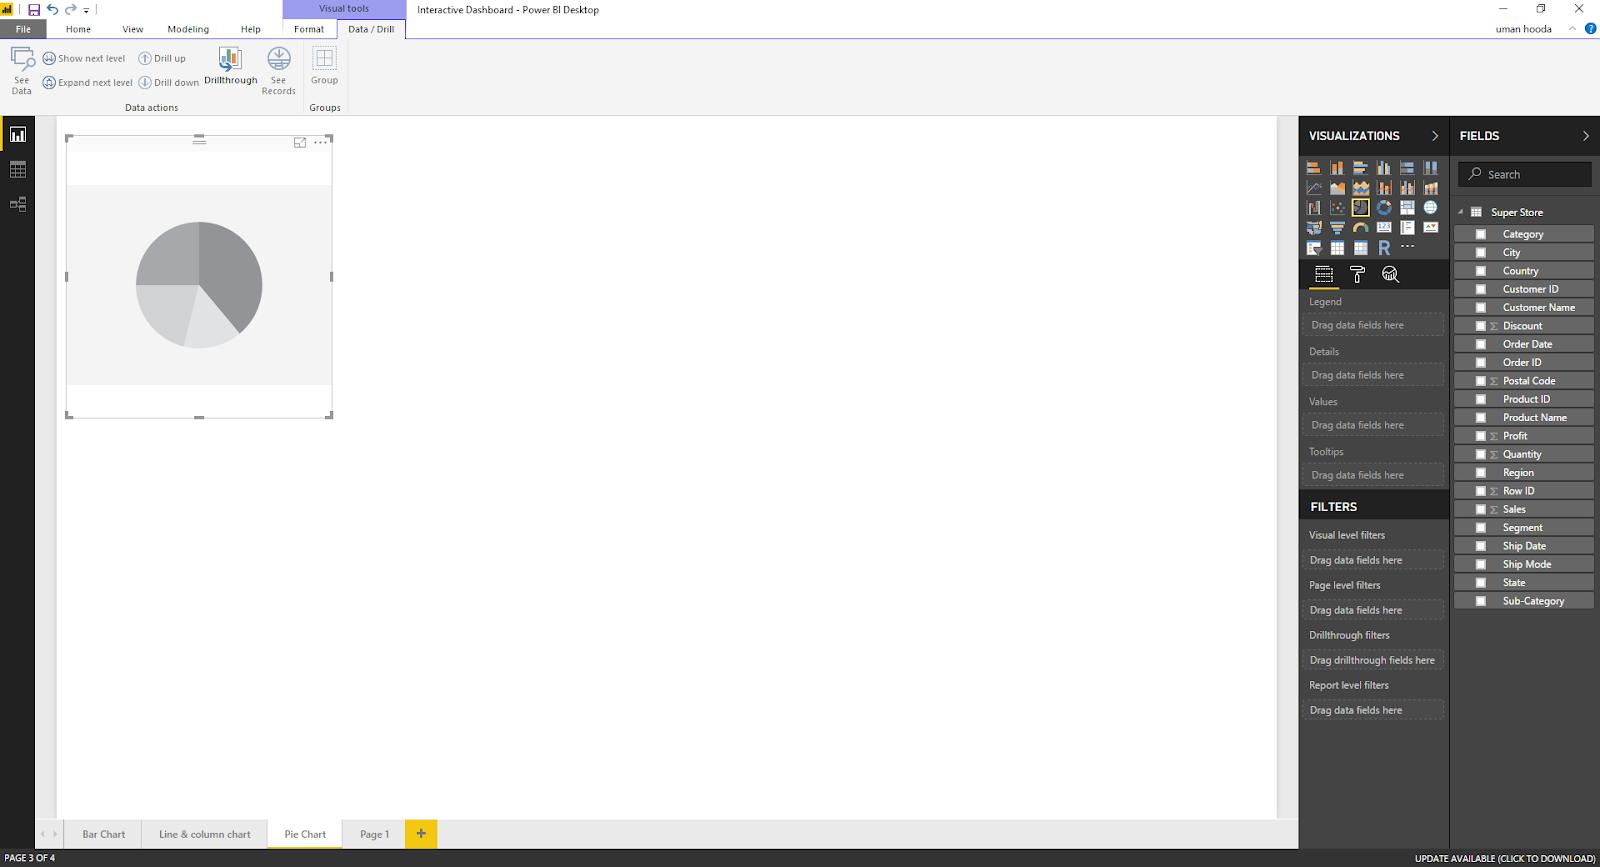 Interactive Dashboard In Microsoft Power BI 38